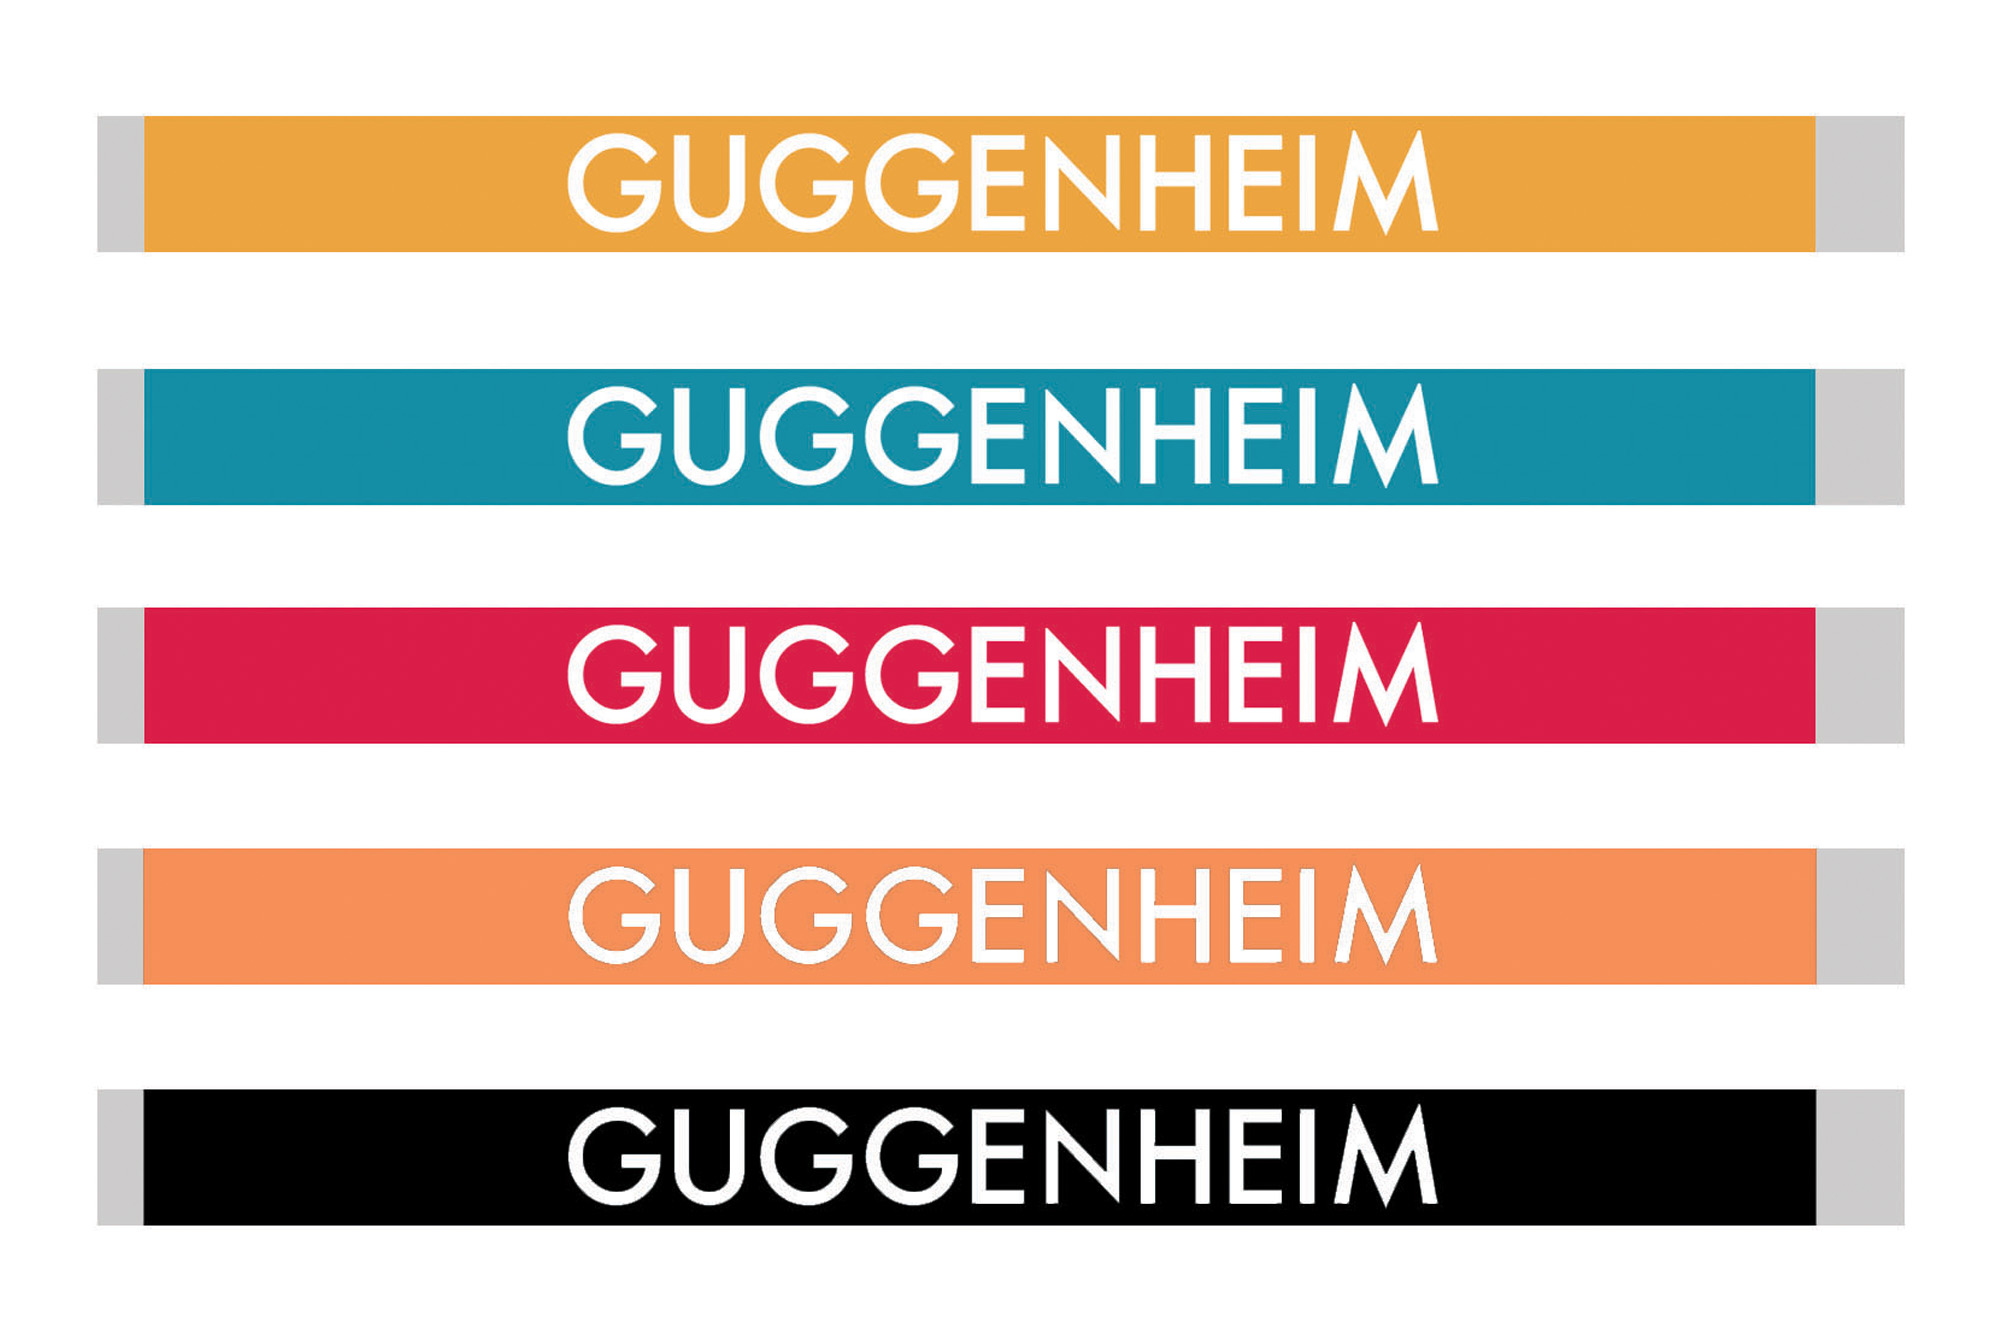 GUGGENHEIM_BRACELET_3.jpg